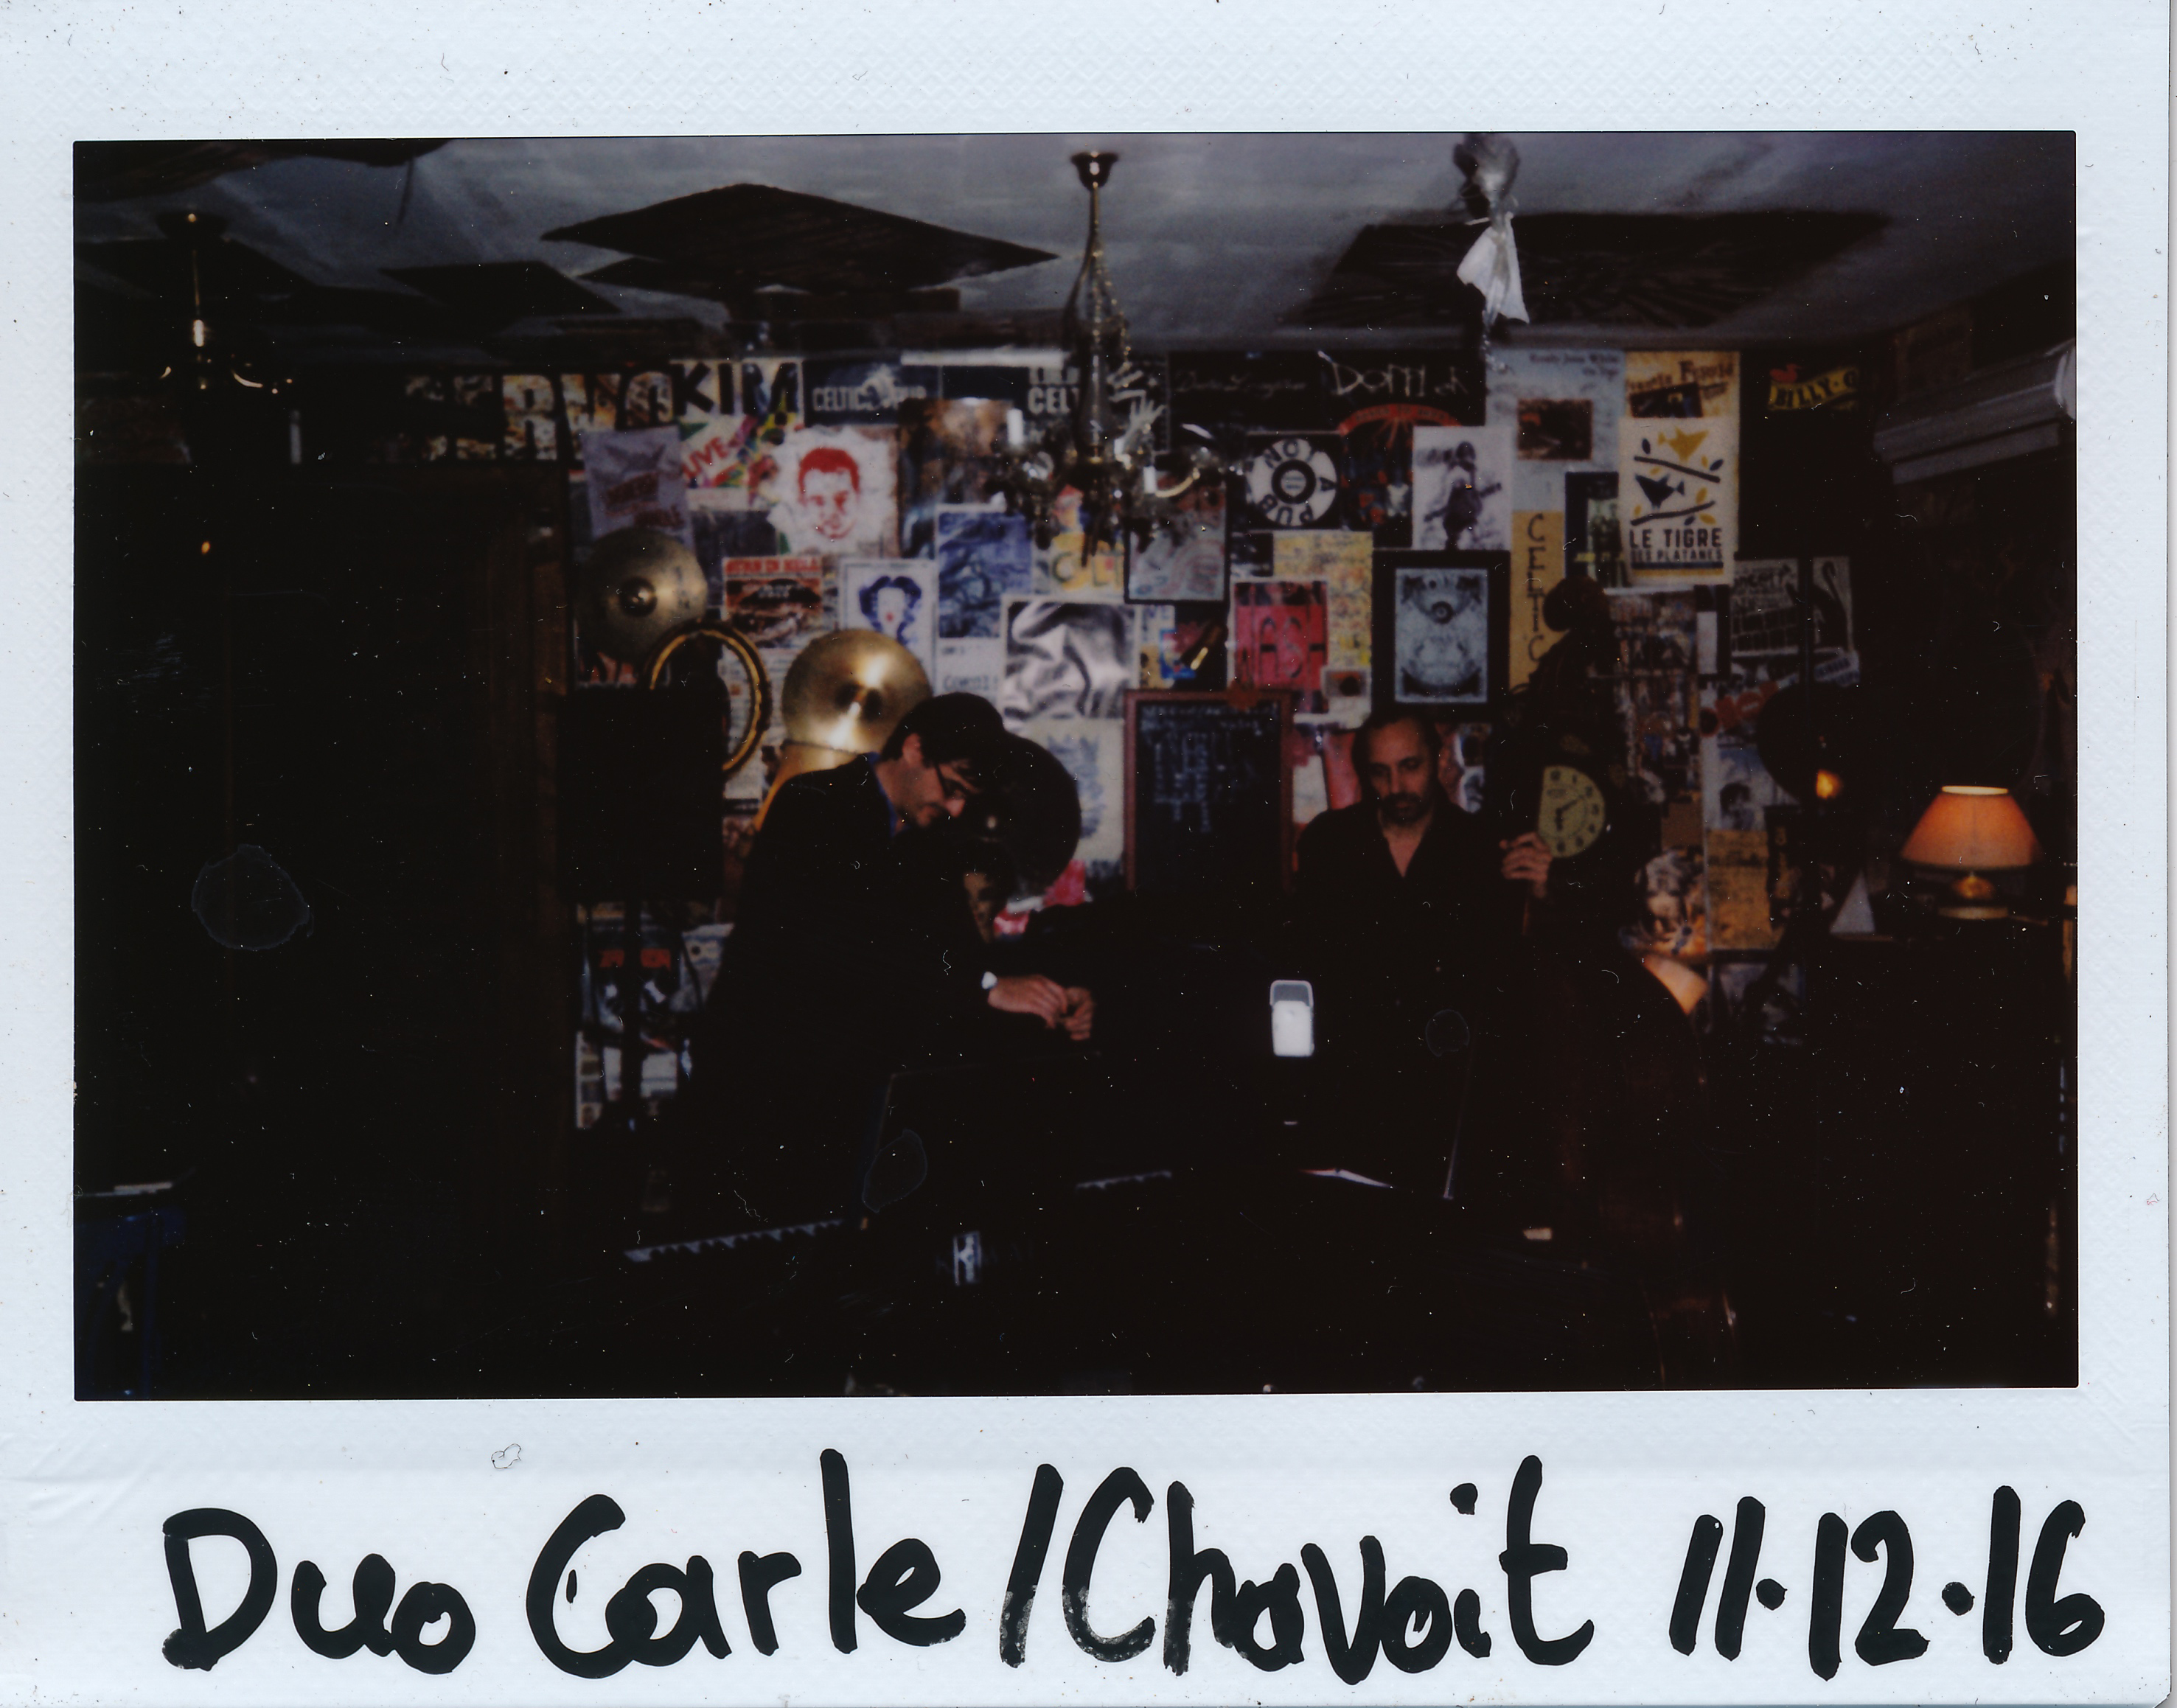 Mise en place avant le concert du Duo Carle/Chavoit, le dimanche 11 décembre 2016 au Celtic Pub